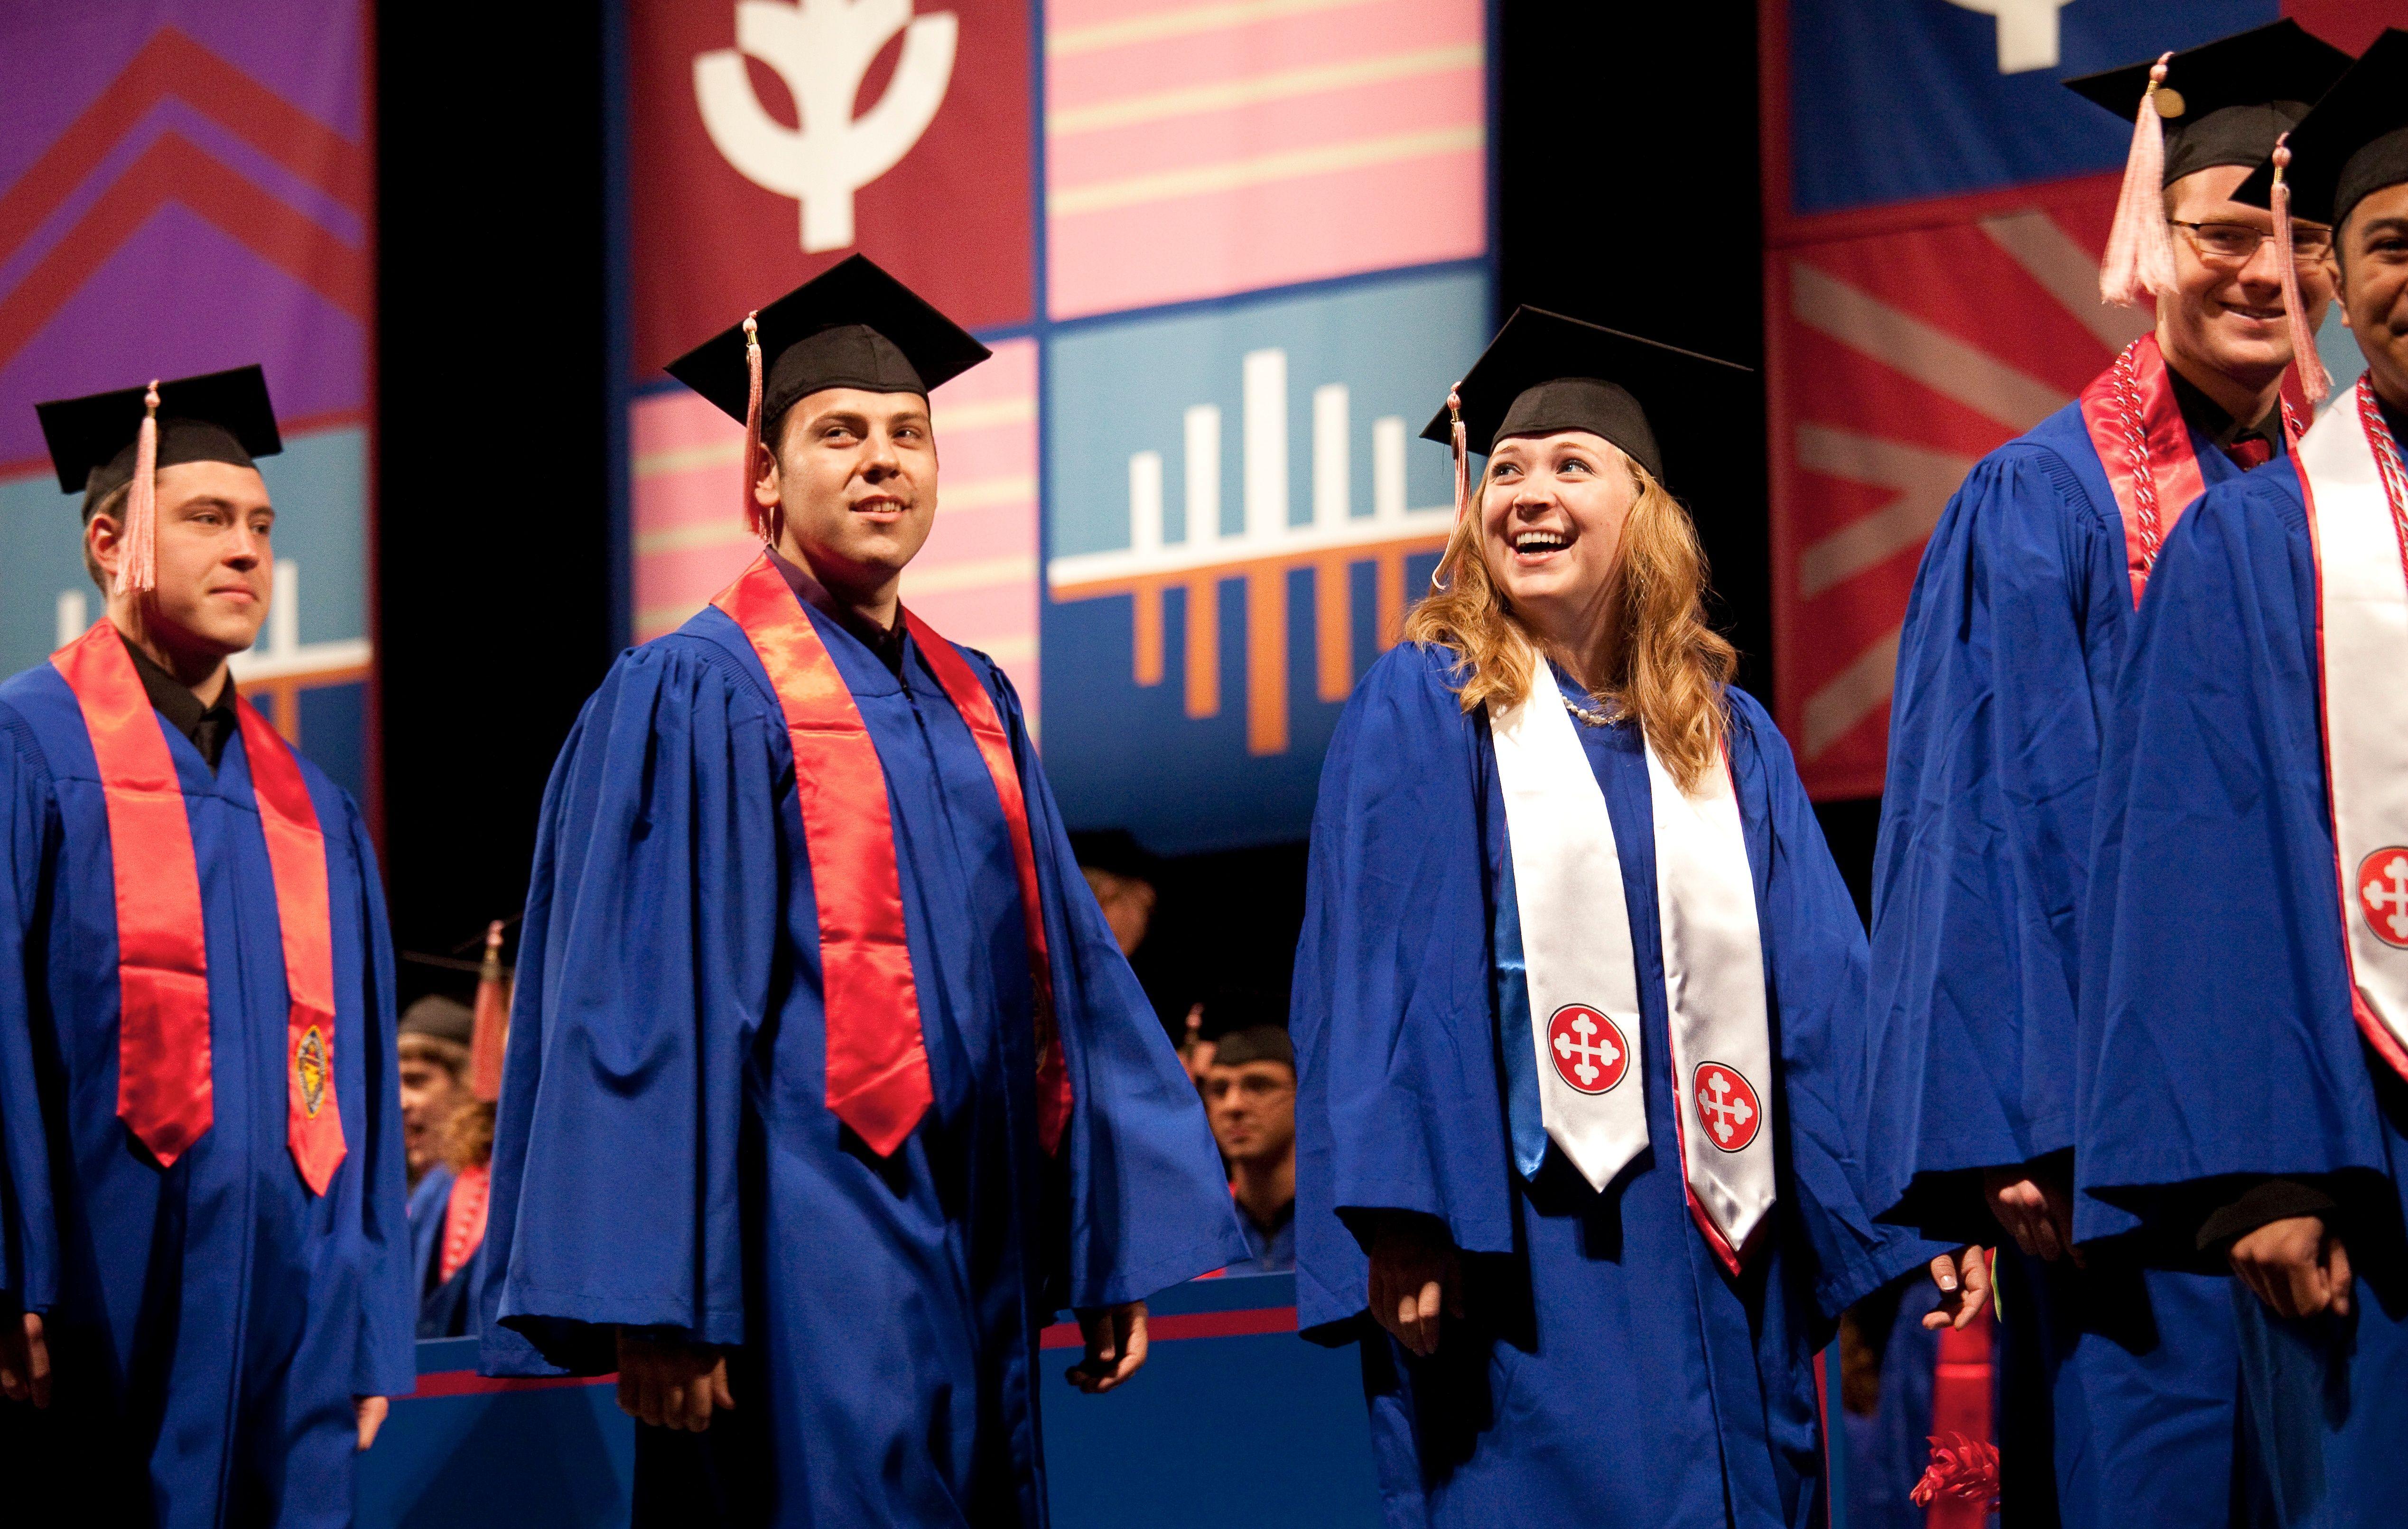 Fotos de Graduación. Activan nuestra profesión en el sector norte de ...